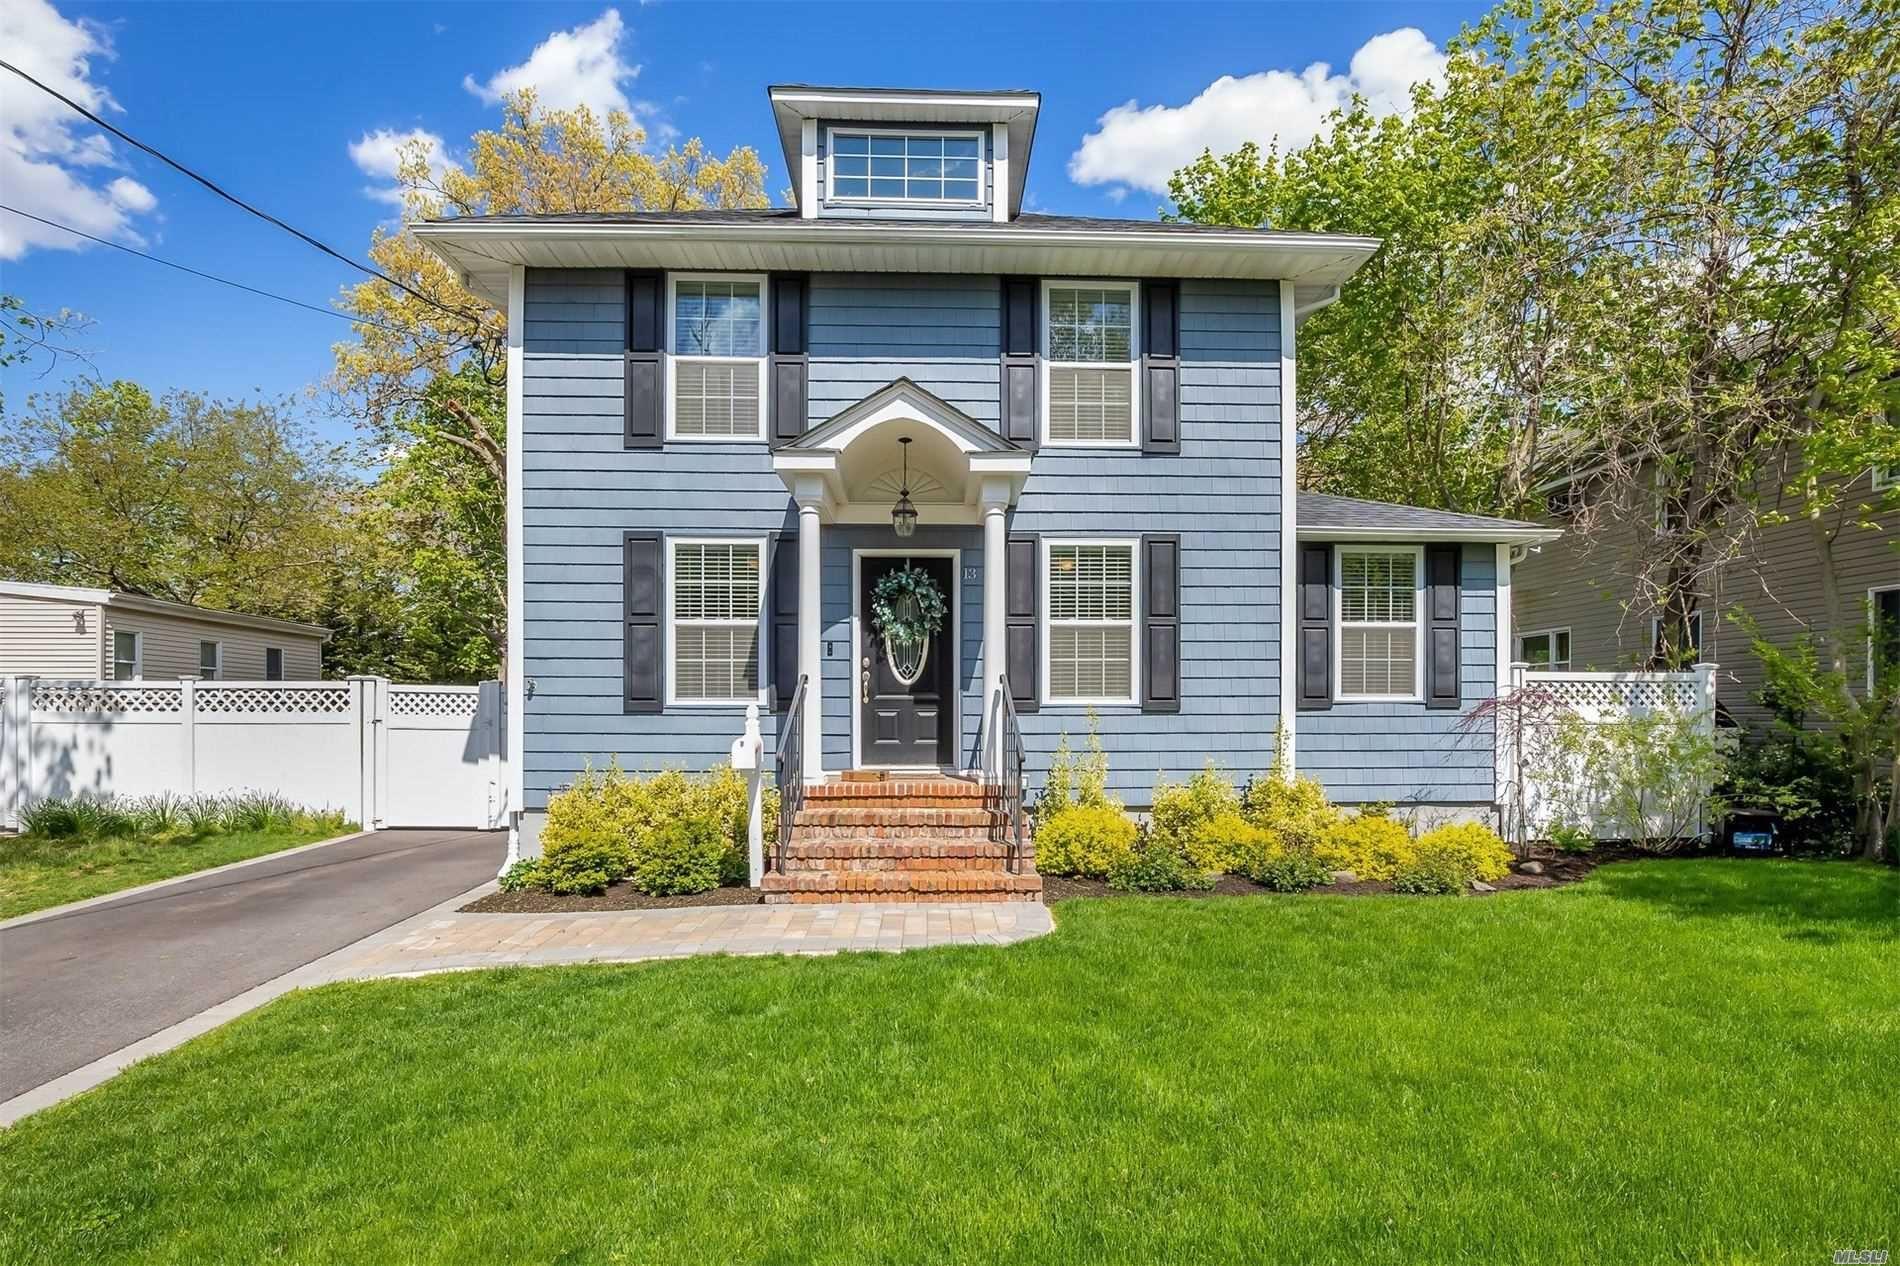 13 Charles Avenue, Islip Terrace, NY 11752 - MLS#: 3214922